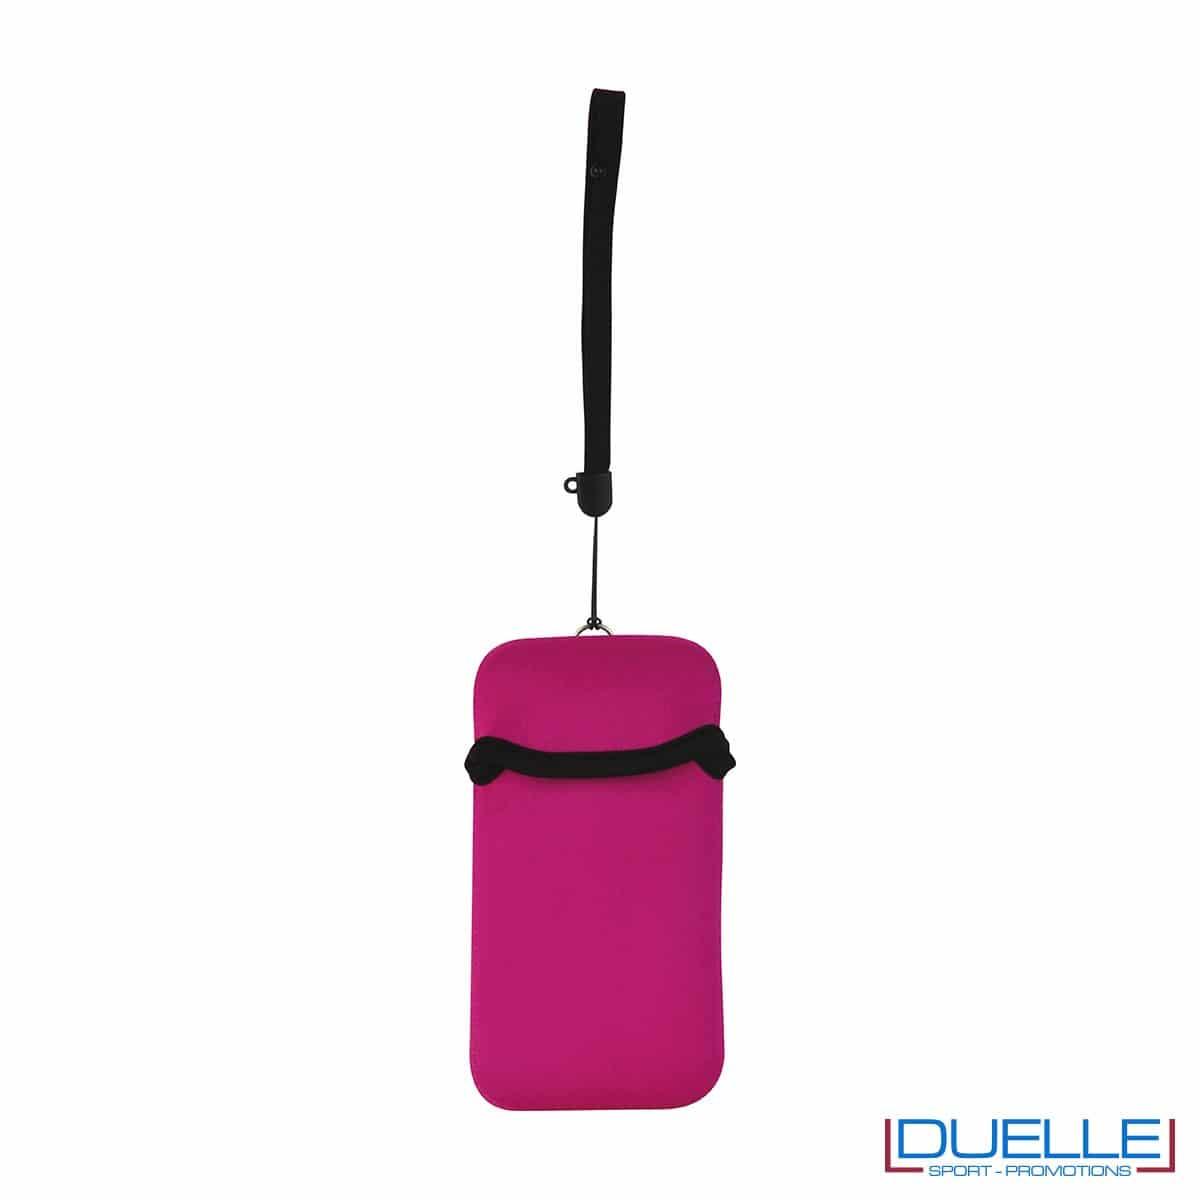 Portacellulare personalizzato in neoprene colore FUXIA da appendere al collo. gadget estivi personalizzati, gadget personalizzati